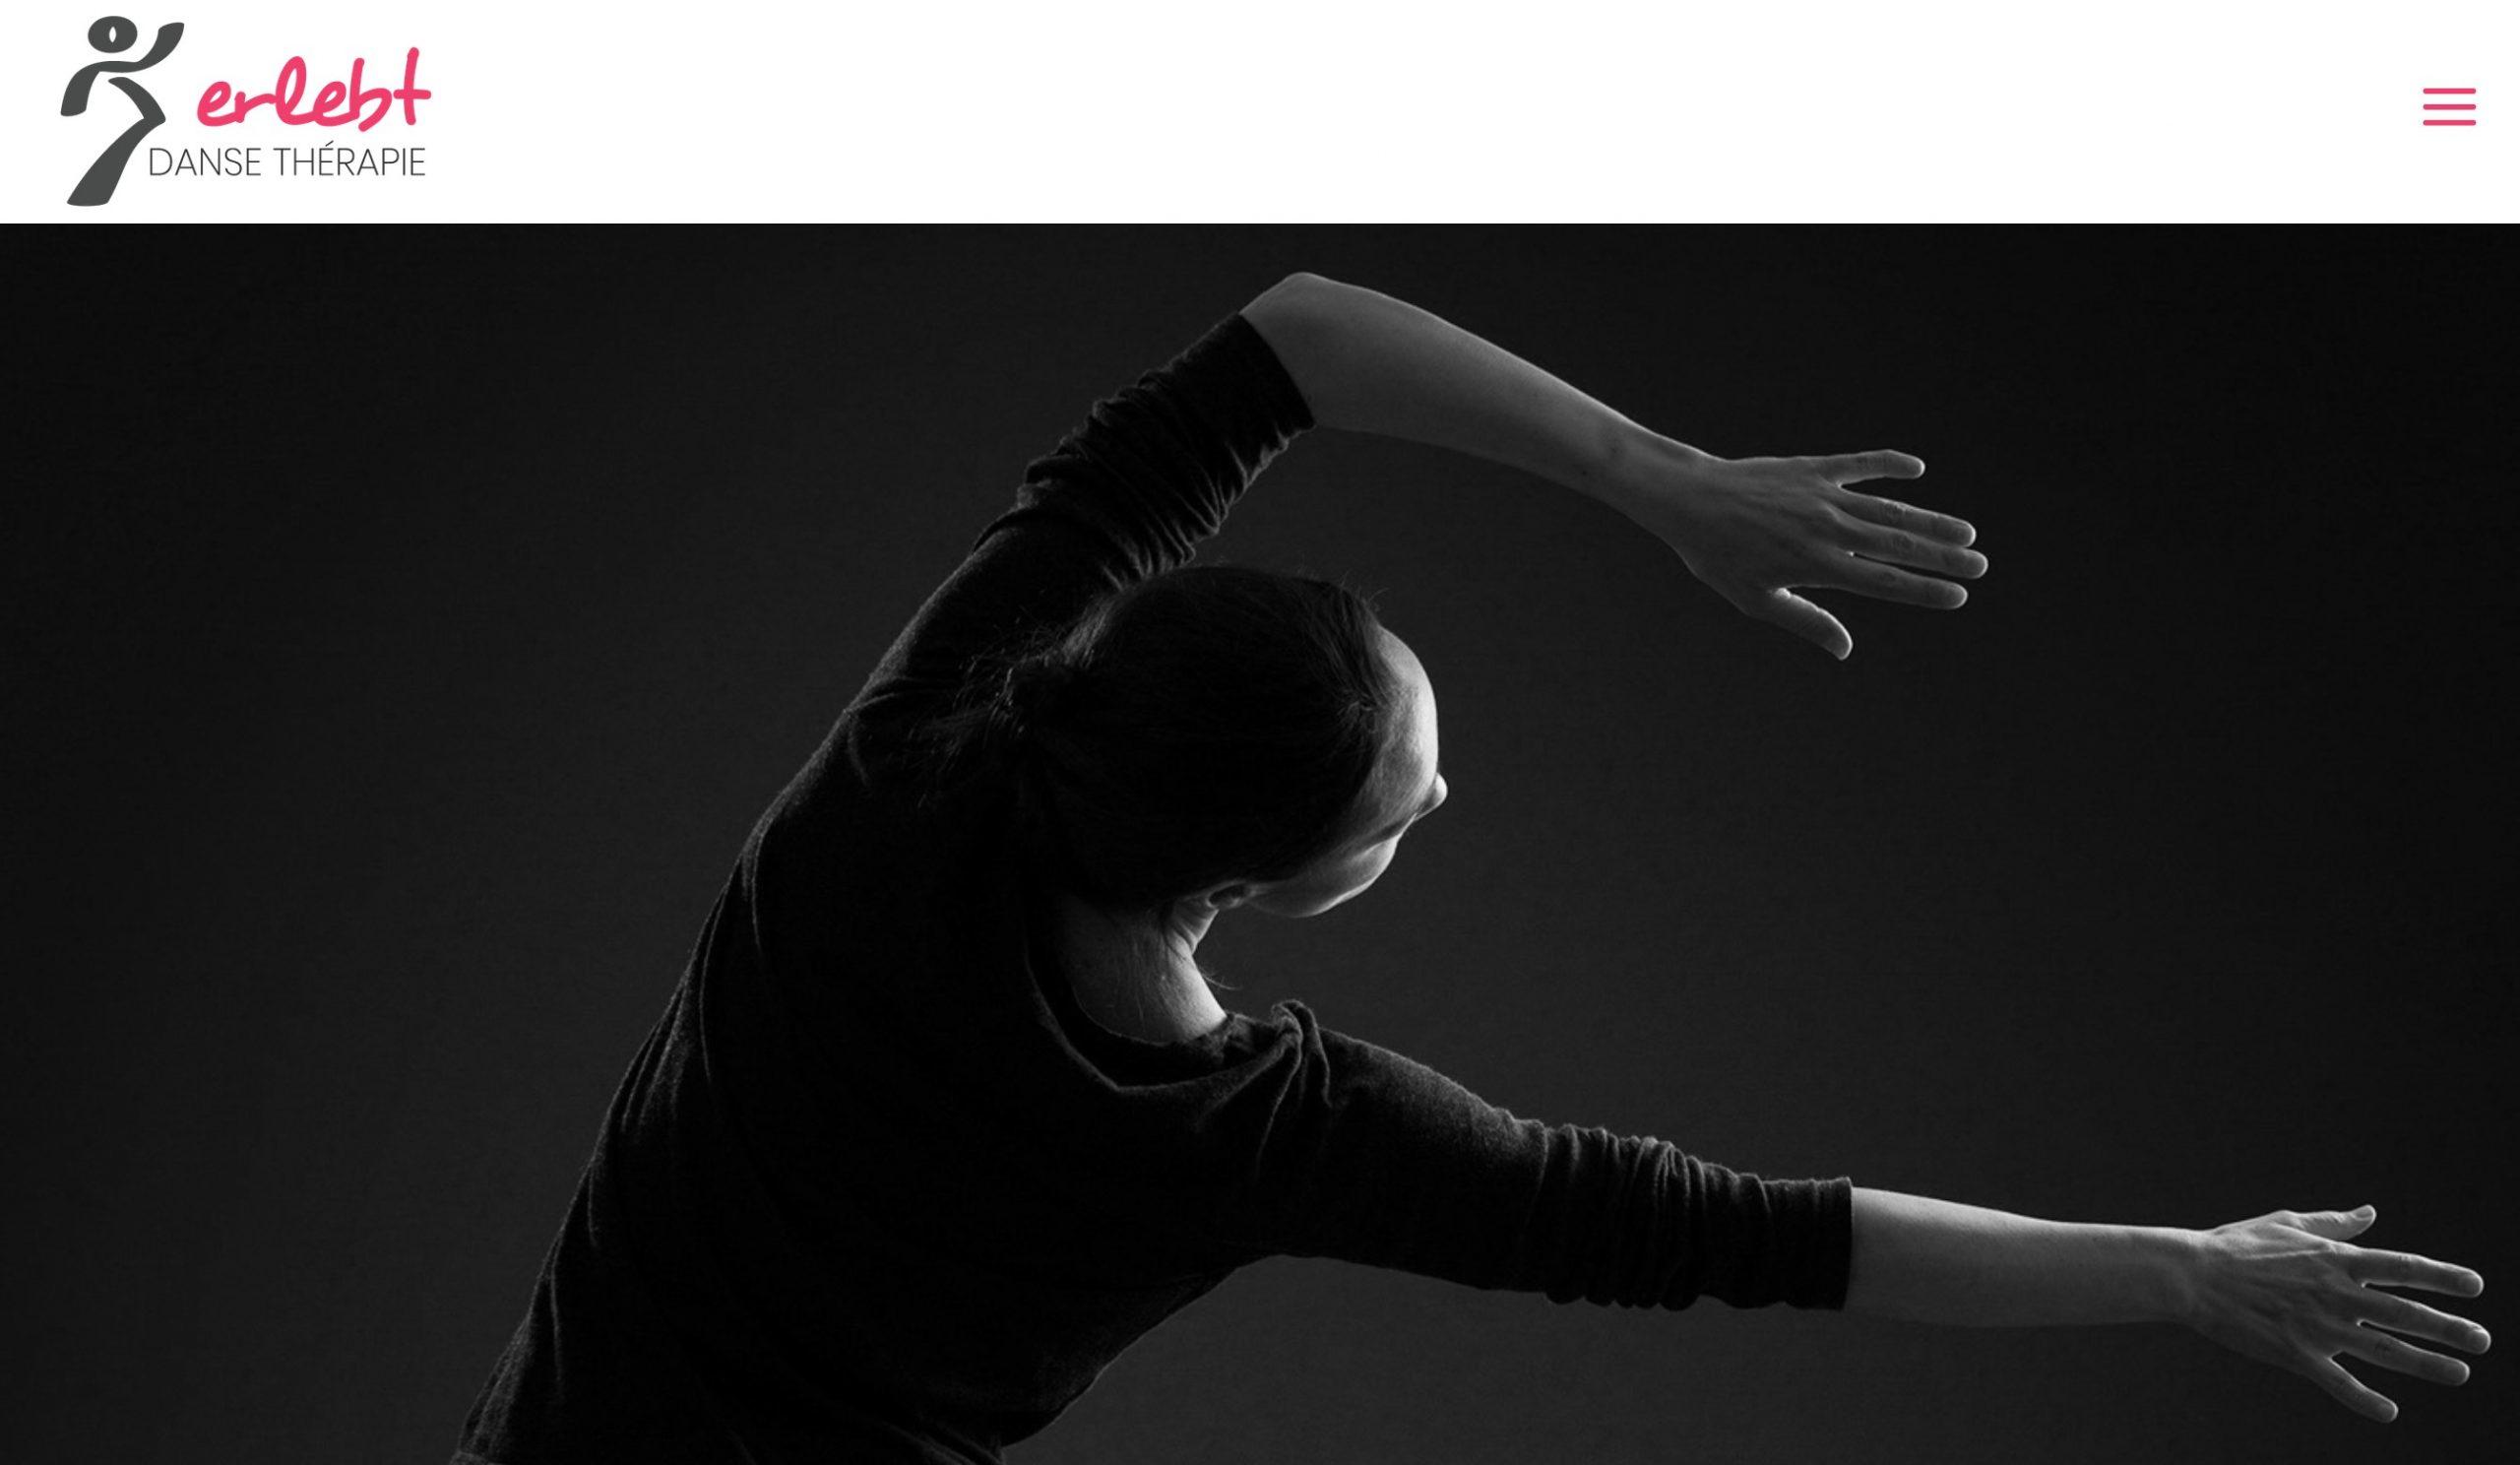 Site web Erlebt danse thérapie